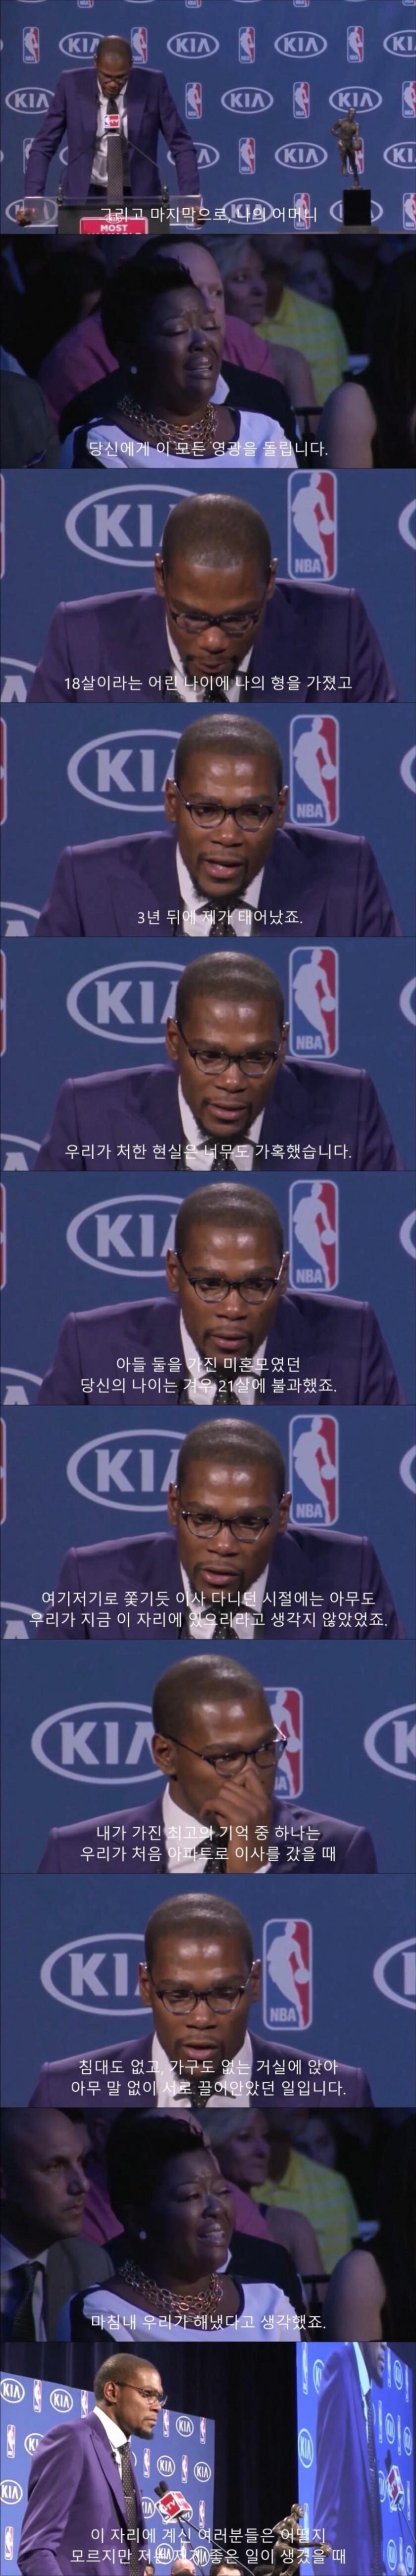 수상소감 레전드